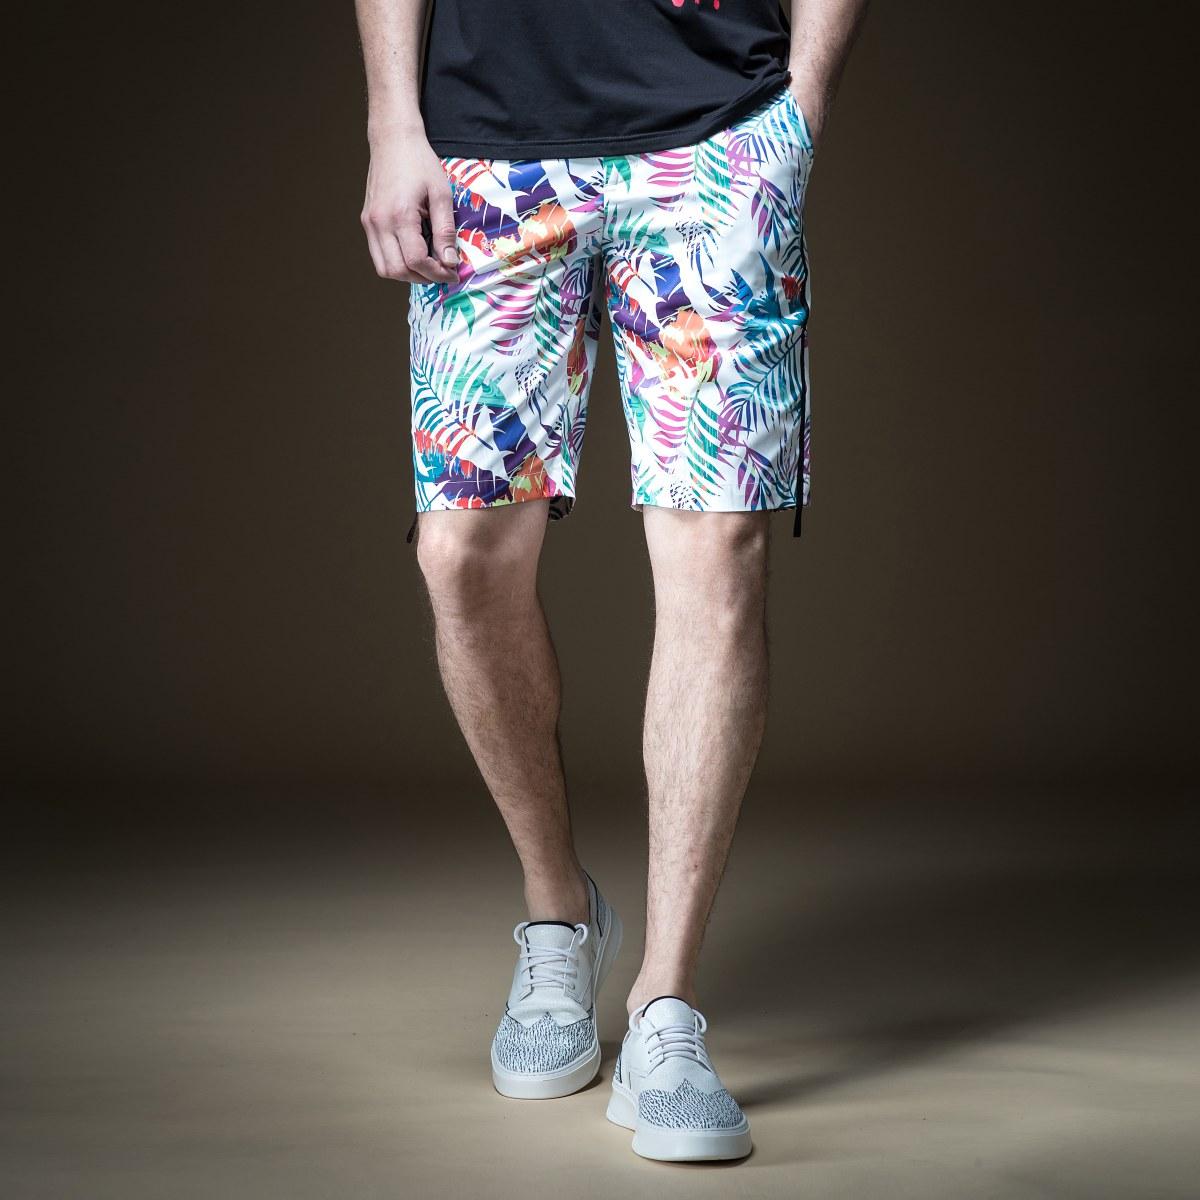 品立2019夏季新款男式休闲裤时尚个性印花沙滩直筒男士短裤B192917579100